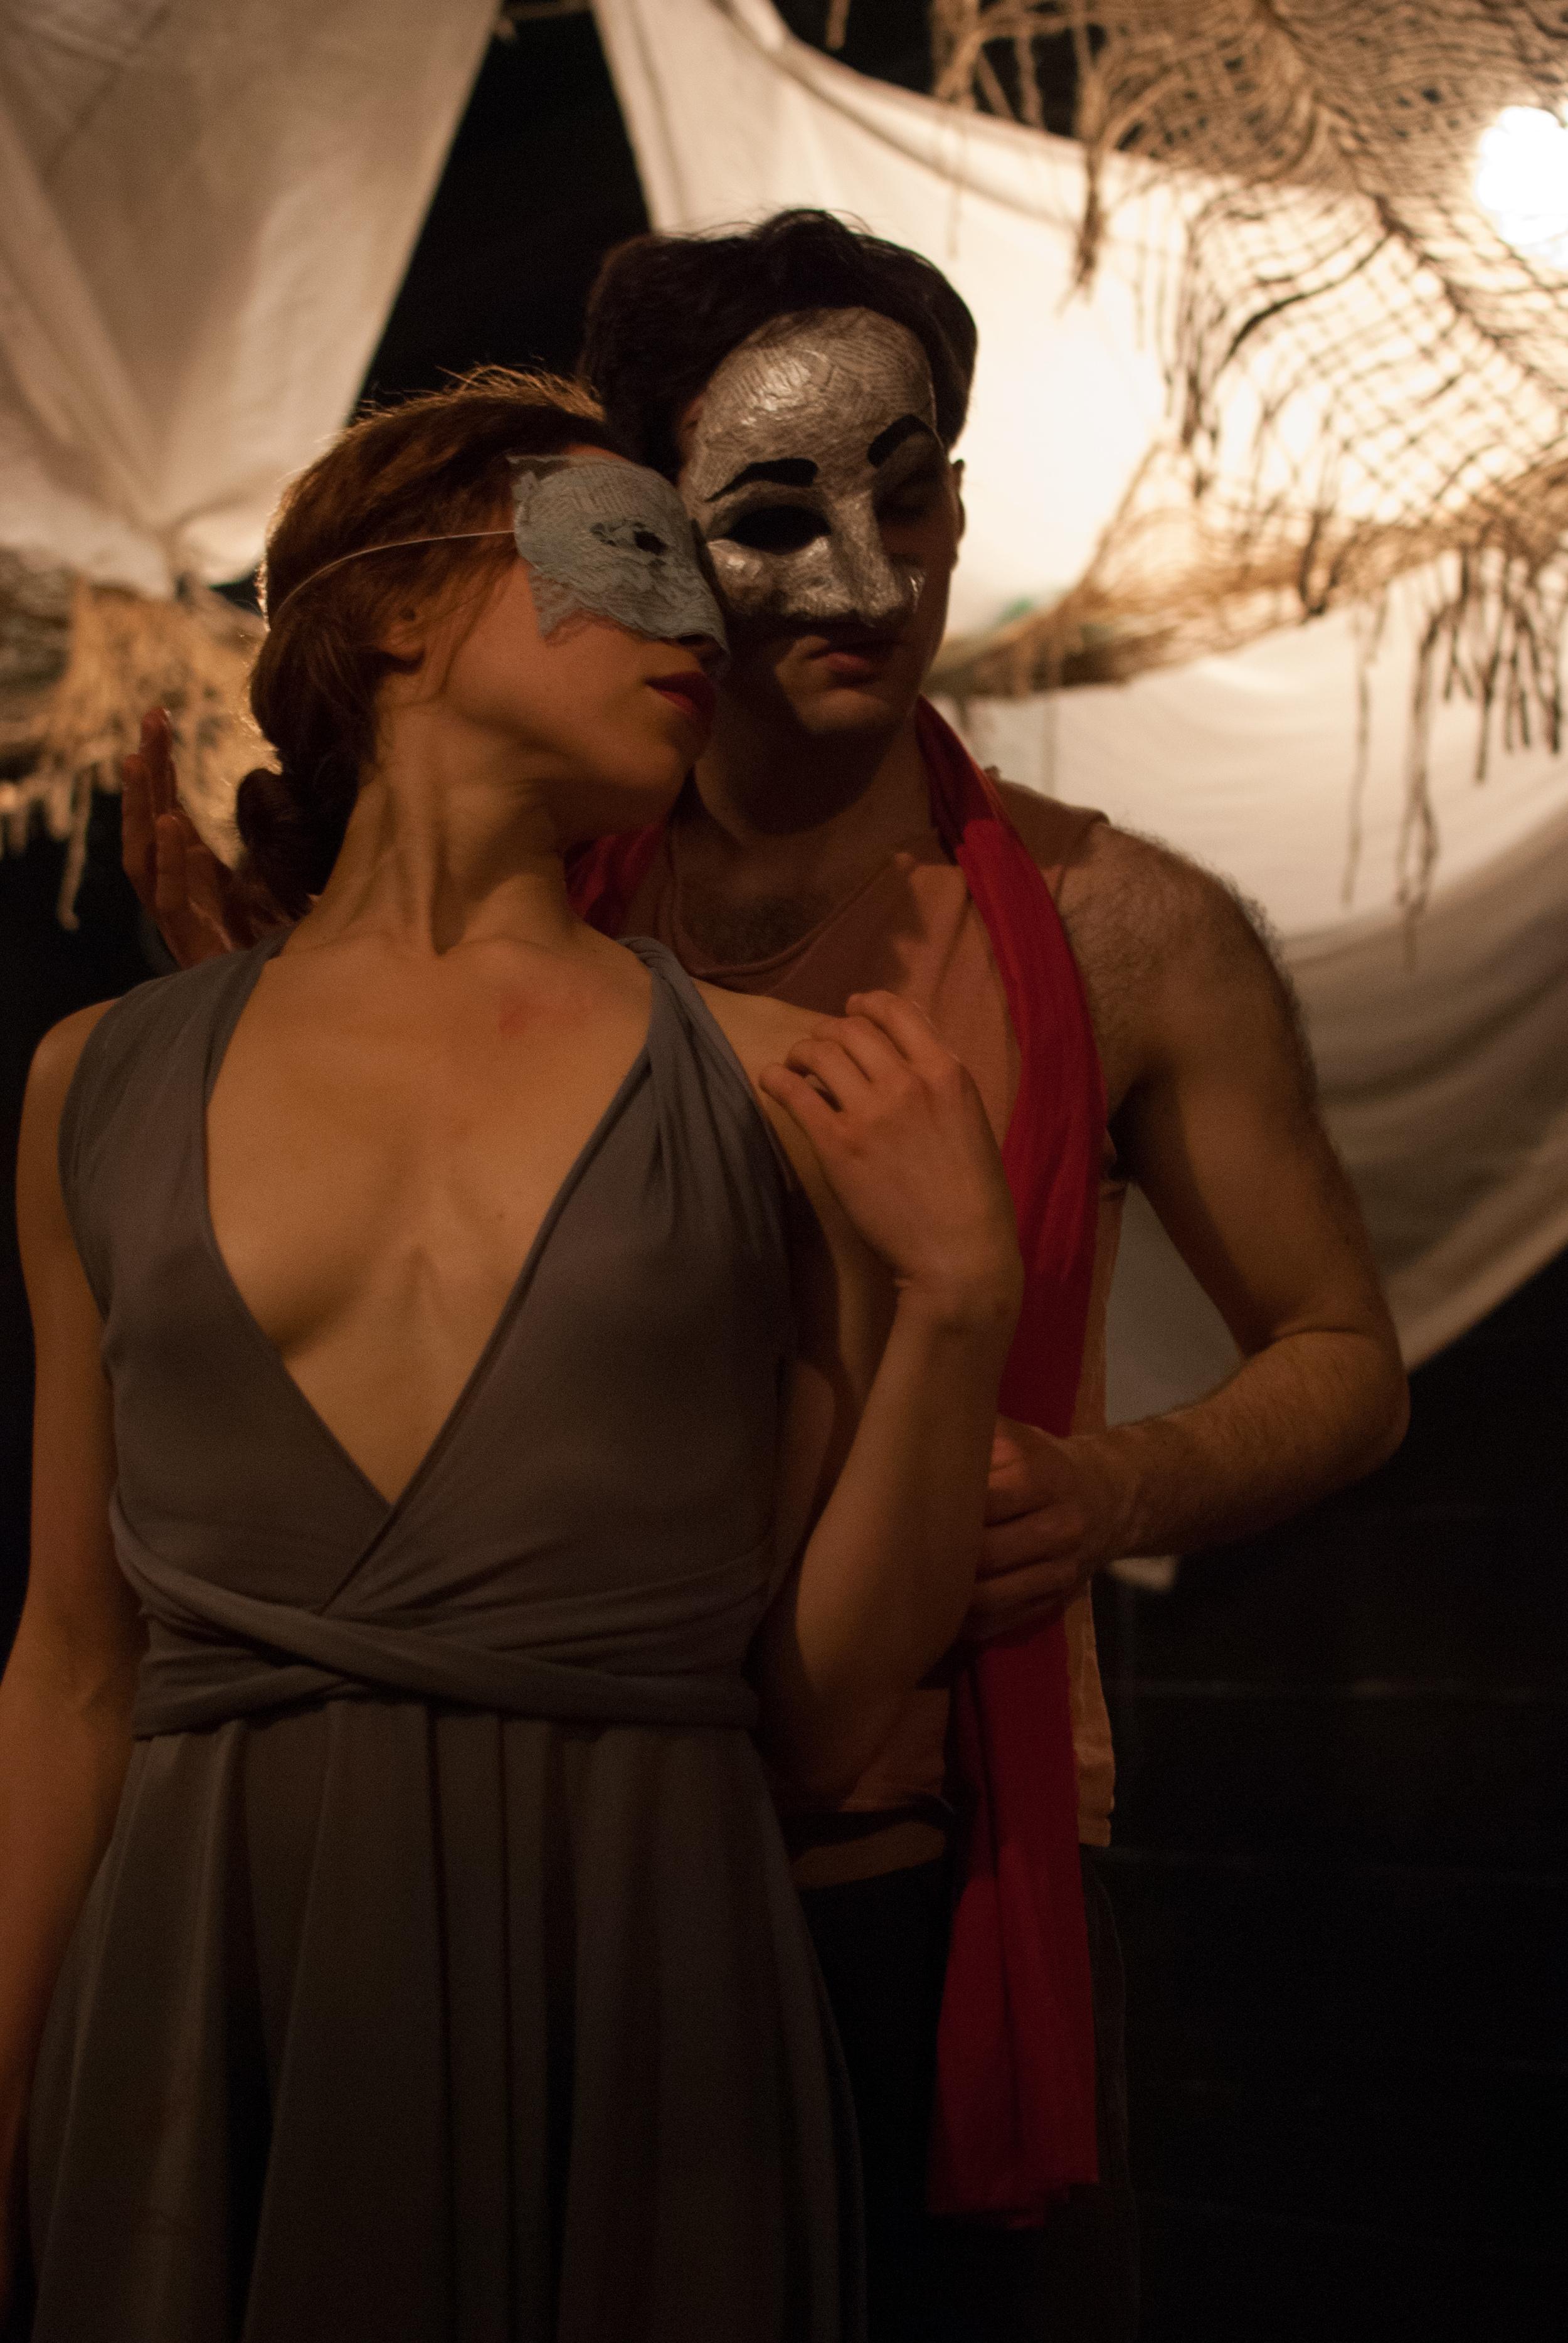 Corina Morris and Alex Potanos